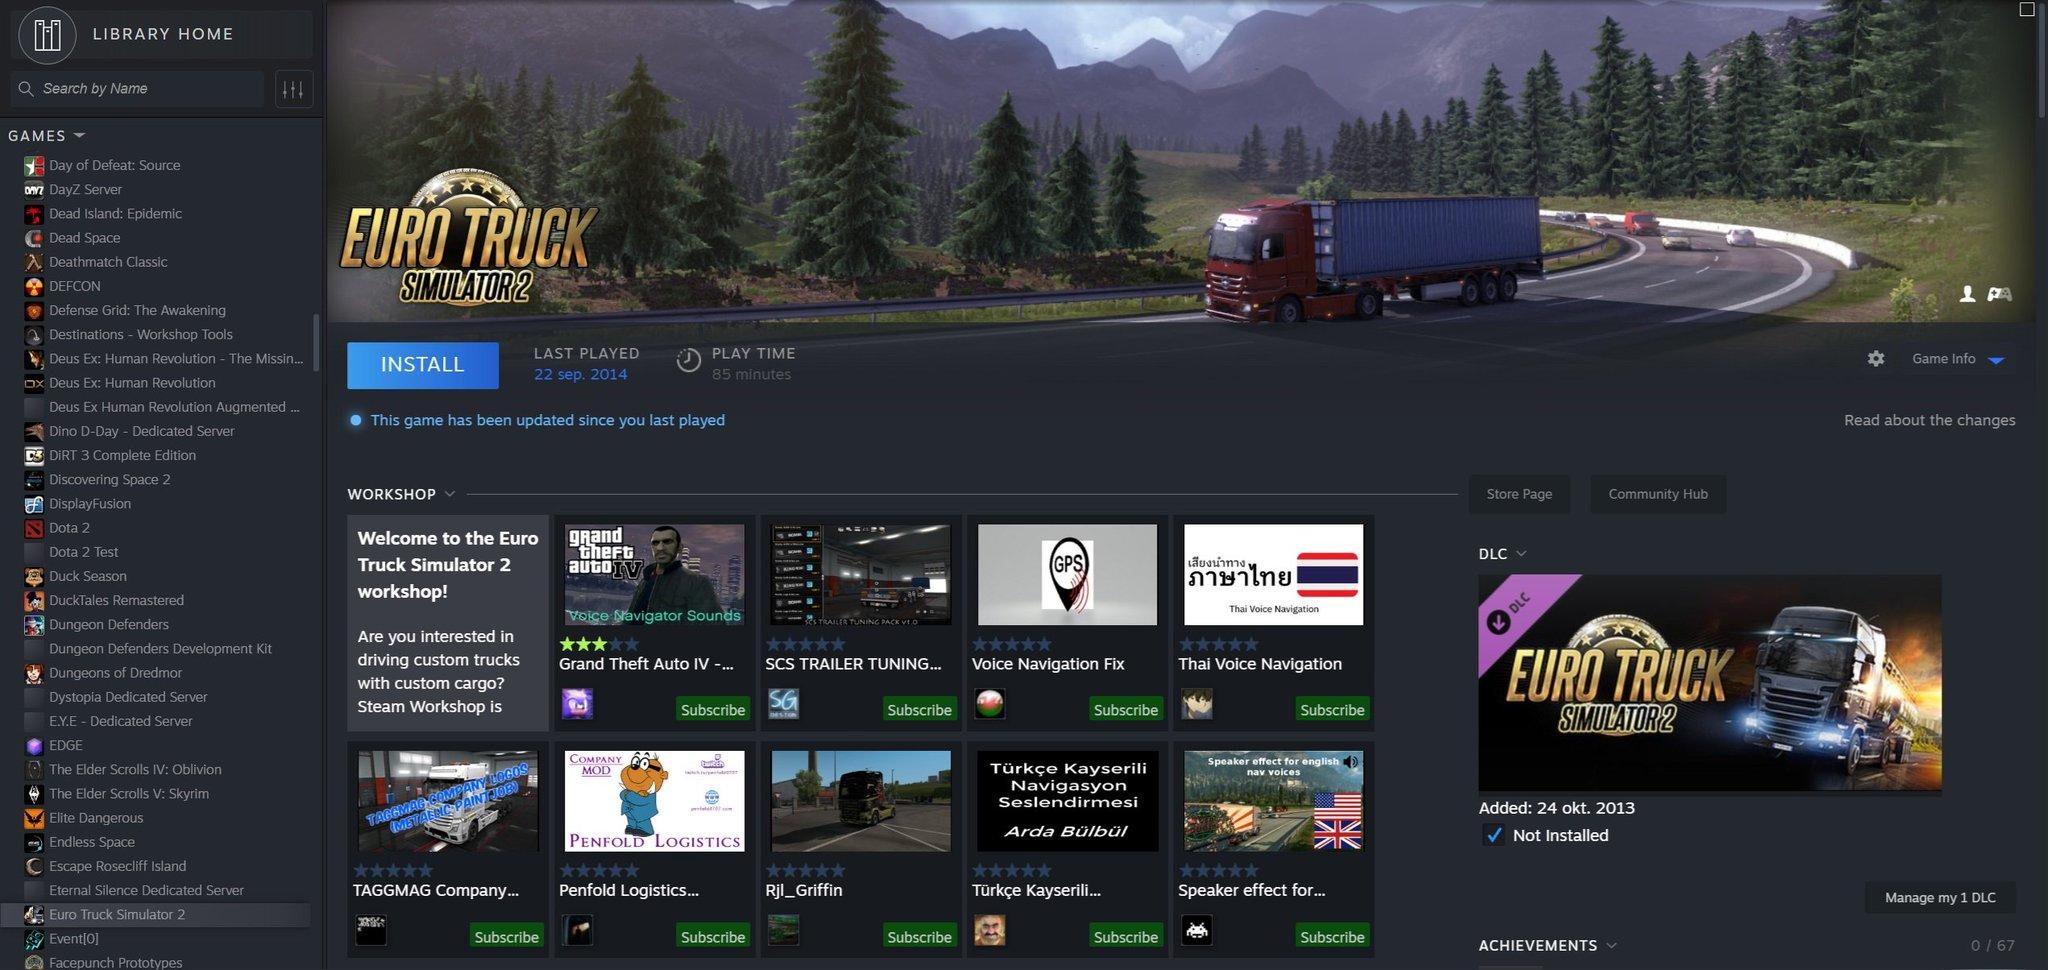 Este es la nueva interfaz de Steam según una filtración